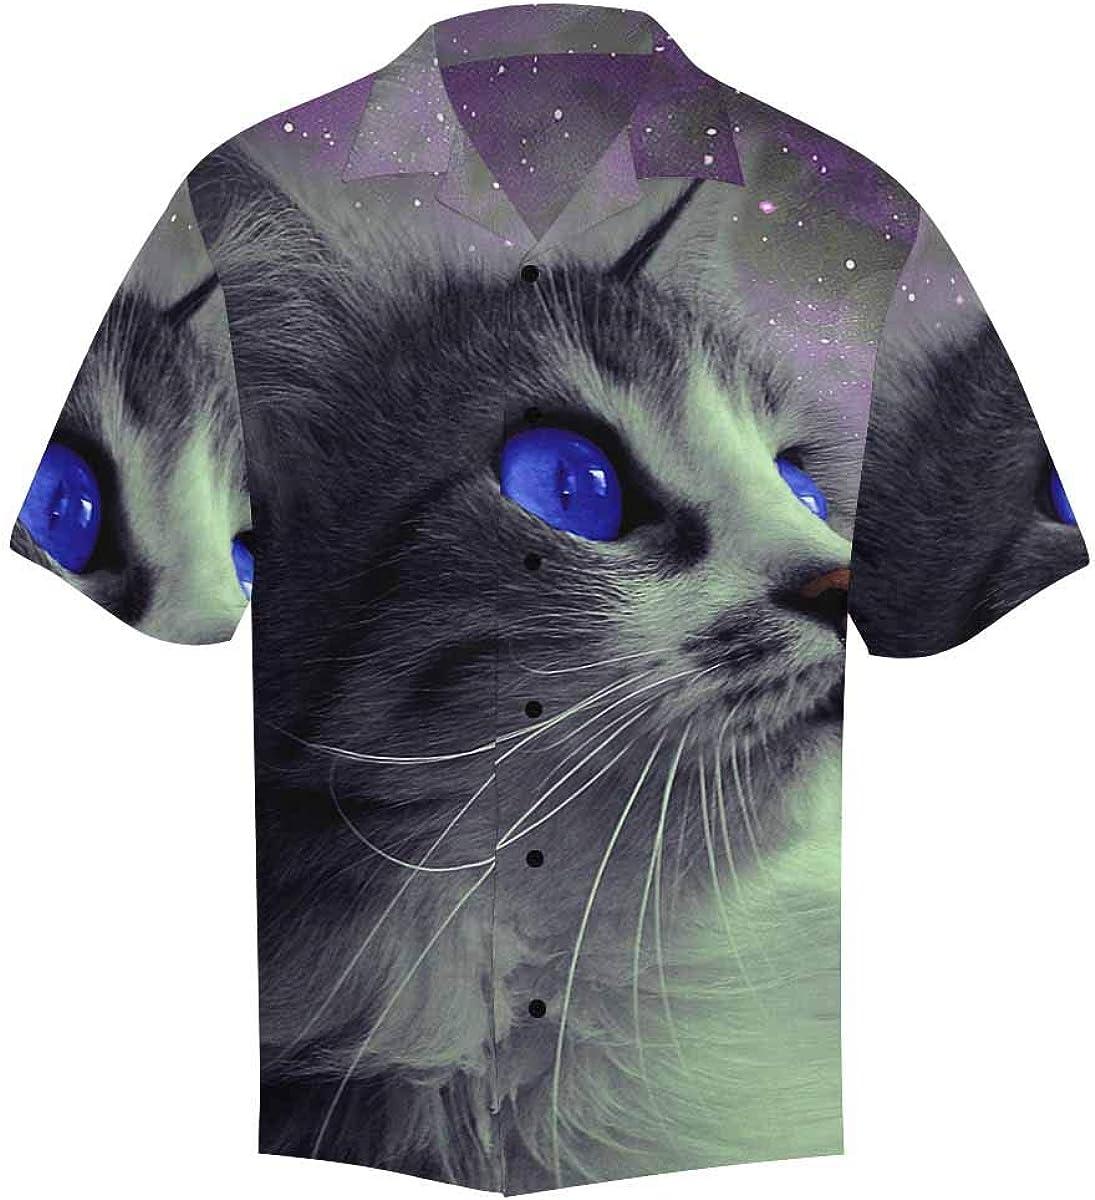 InterestPrint Men's Casual Button Down Short Sleeve Cats Pattern Hawaiian Shirt (S-5XL)